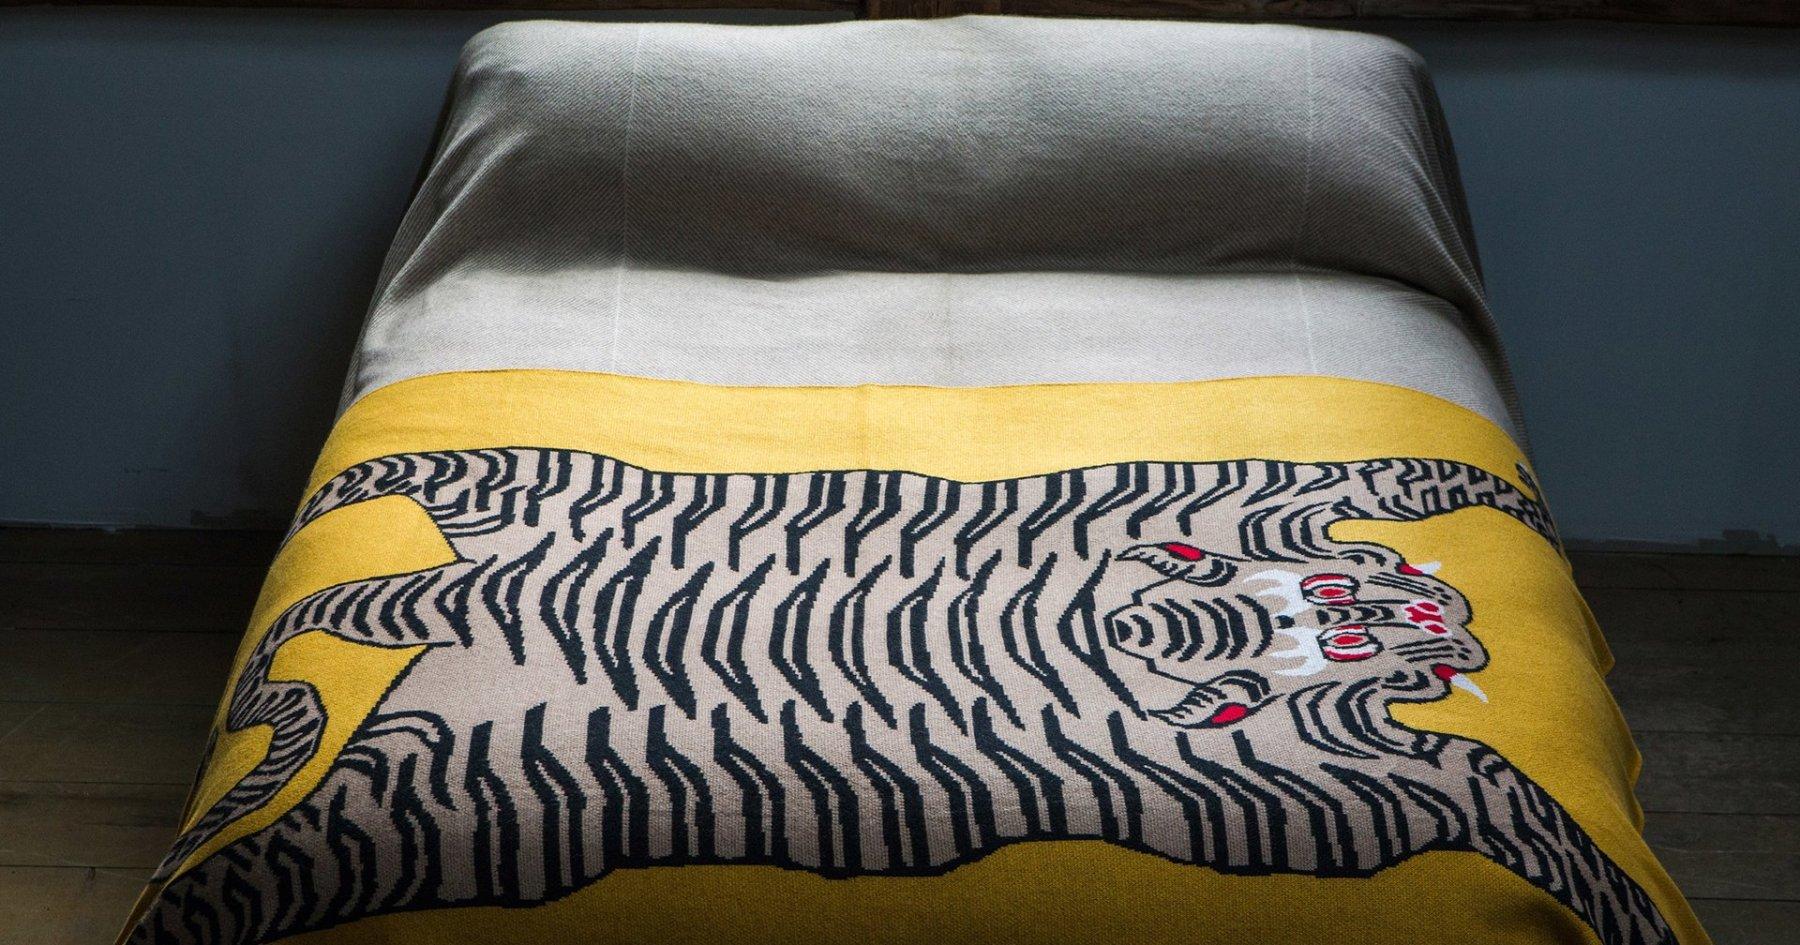 Ever Wonder What a $1,000 Blanket Feels Like?